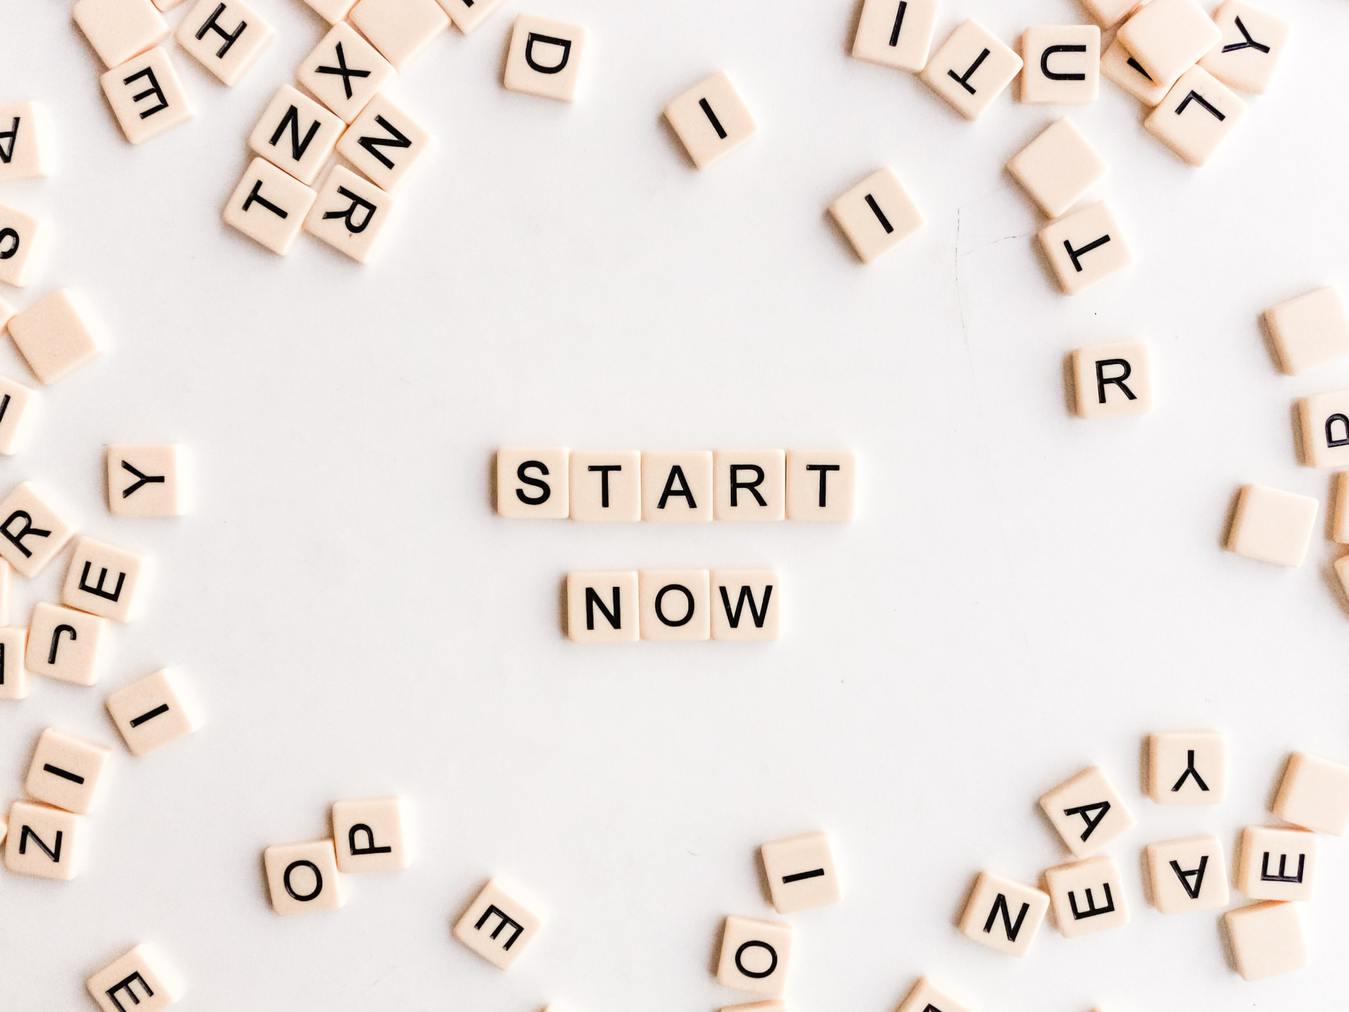 """Letras sobre um fundo branco, dizendo """"Start Now"""""""